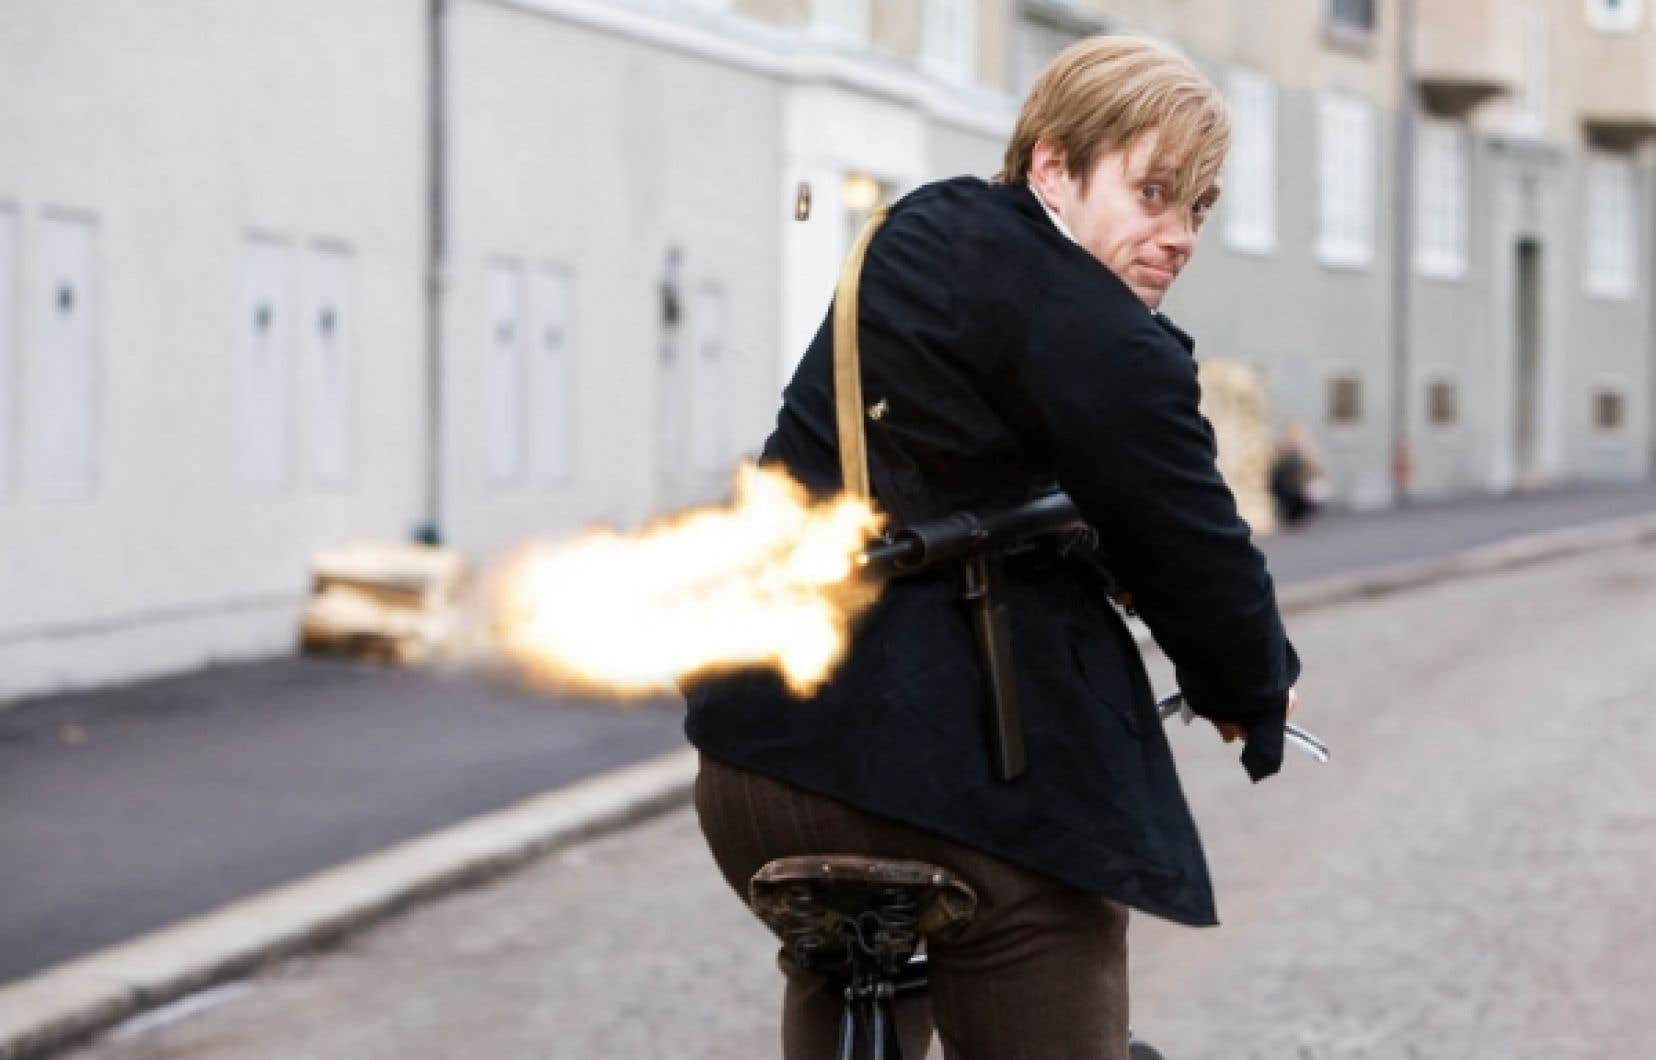 Aksel Hennie dans Max Manus, du tandem formé par Joachim Roenning et Espen Sandberg